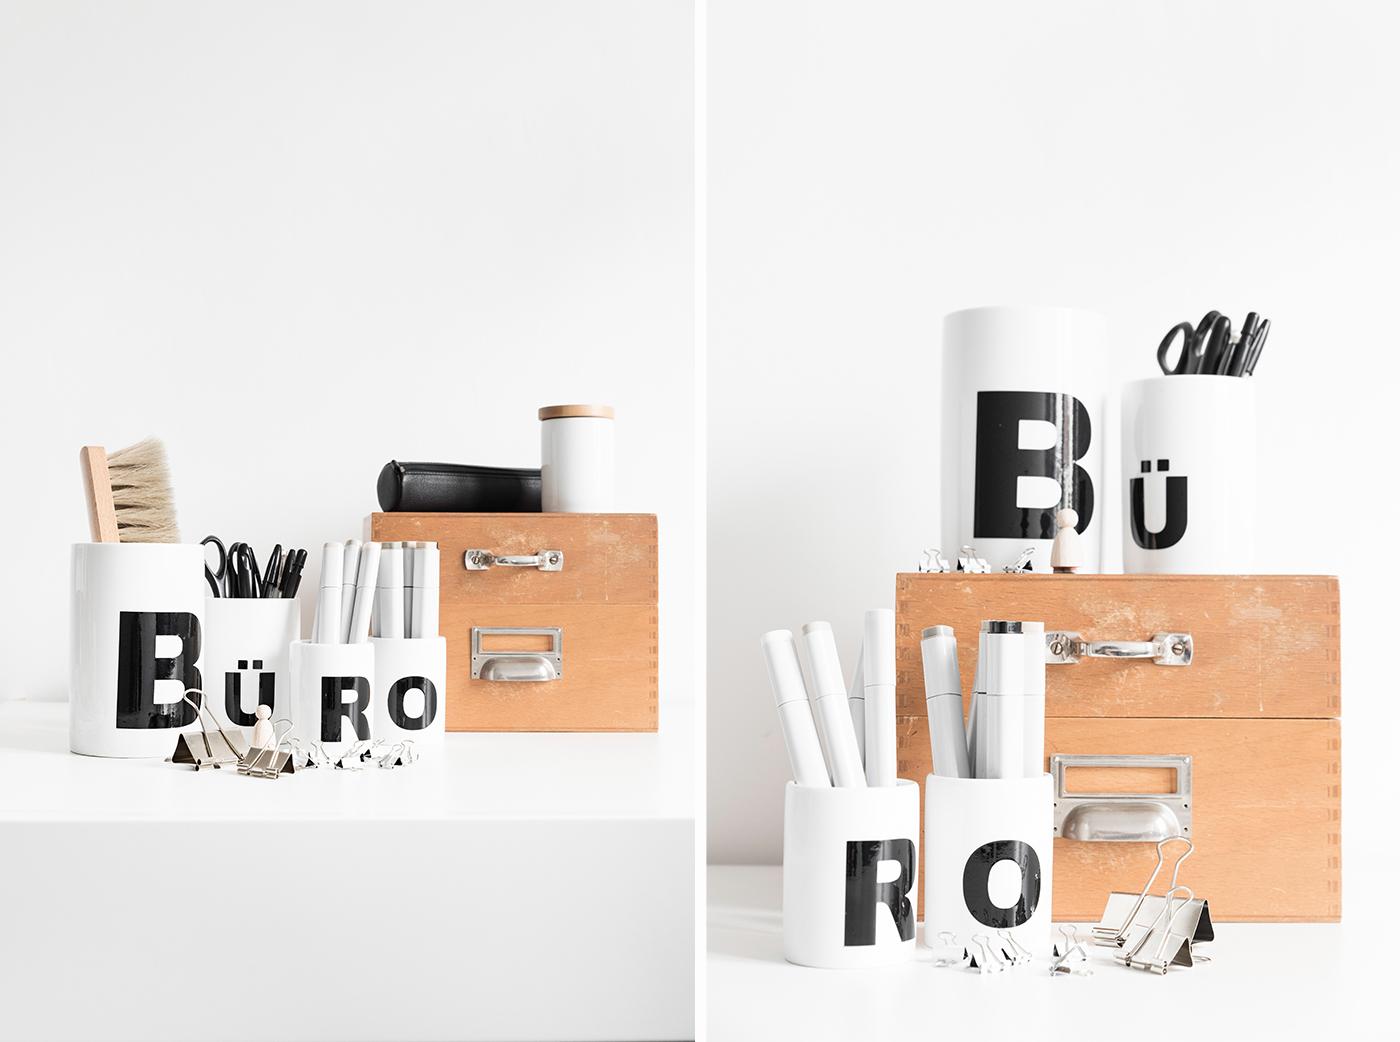 dekotrend porzellan mit buchstaben bekleben sch n bei dir by depot. Black Bedroom Furniture Sets. Home Design Ideas